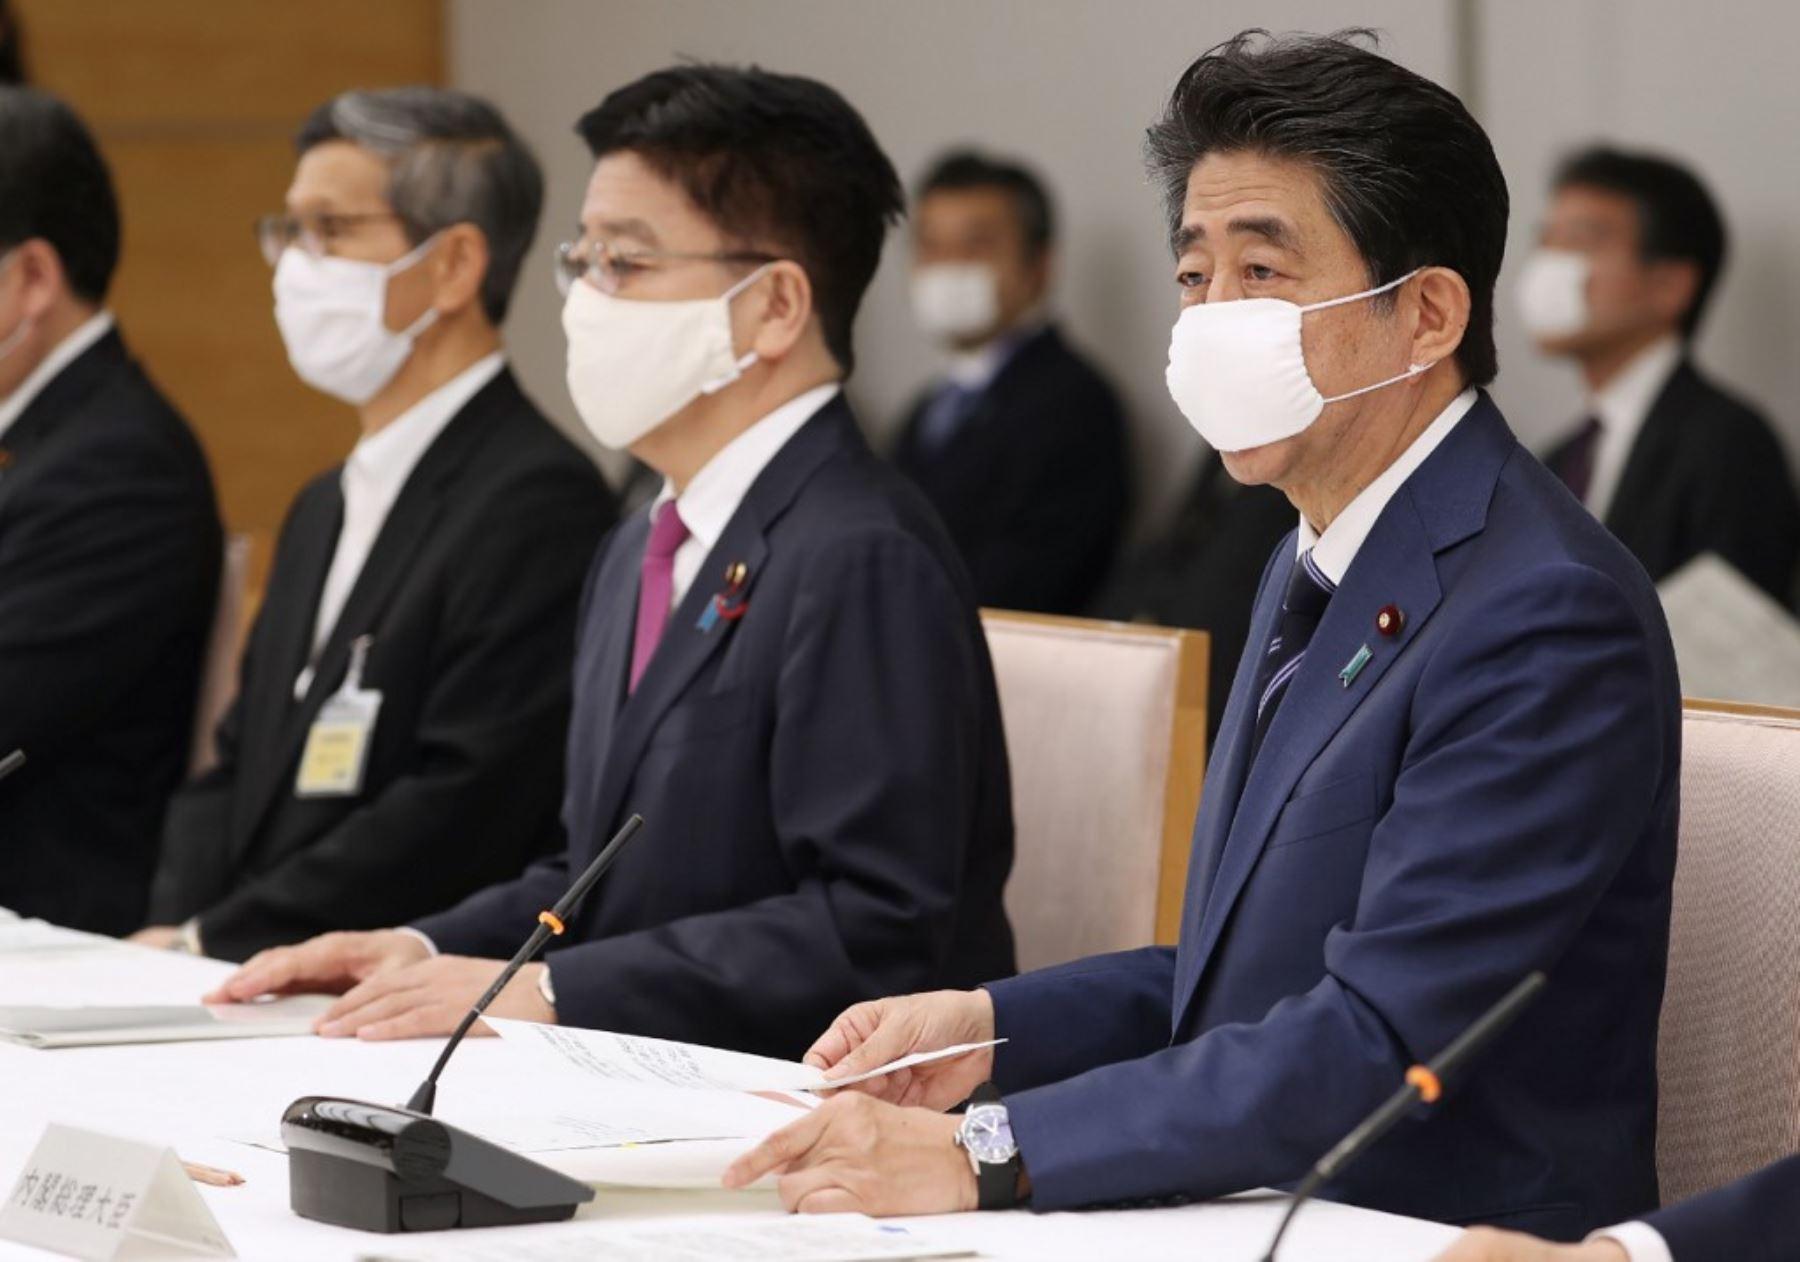 El primero en declarar el estado de emergencia, primero para Tokio y seis prefecturas y luego para todo el país, fue el ex primer ministro Shinzo Abe en abril del 2020 (Foto: Andina)